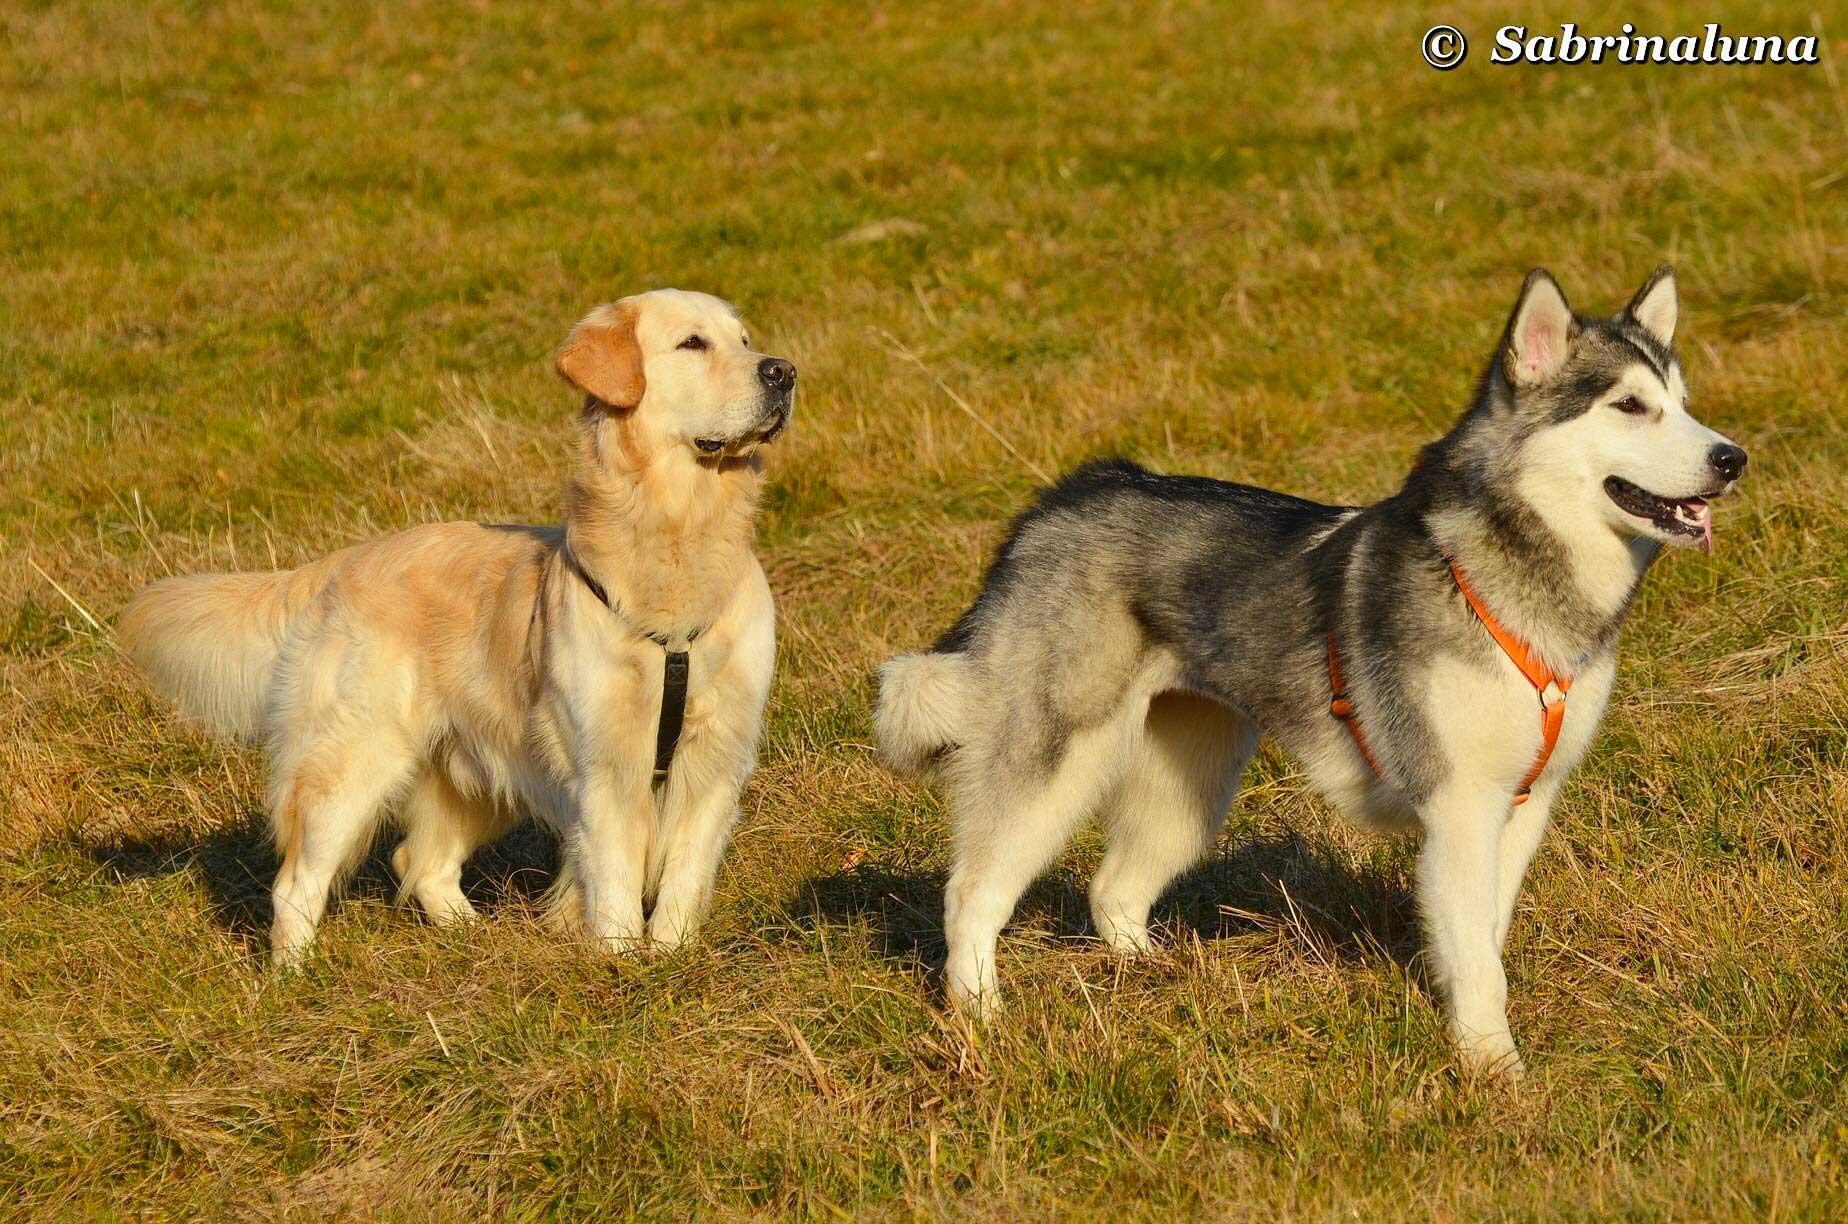 La scala neotenica dal lupo al cane vita da cane for Lavorare con i cani